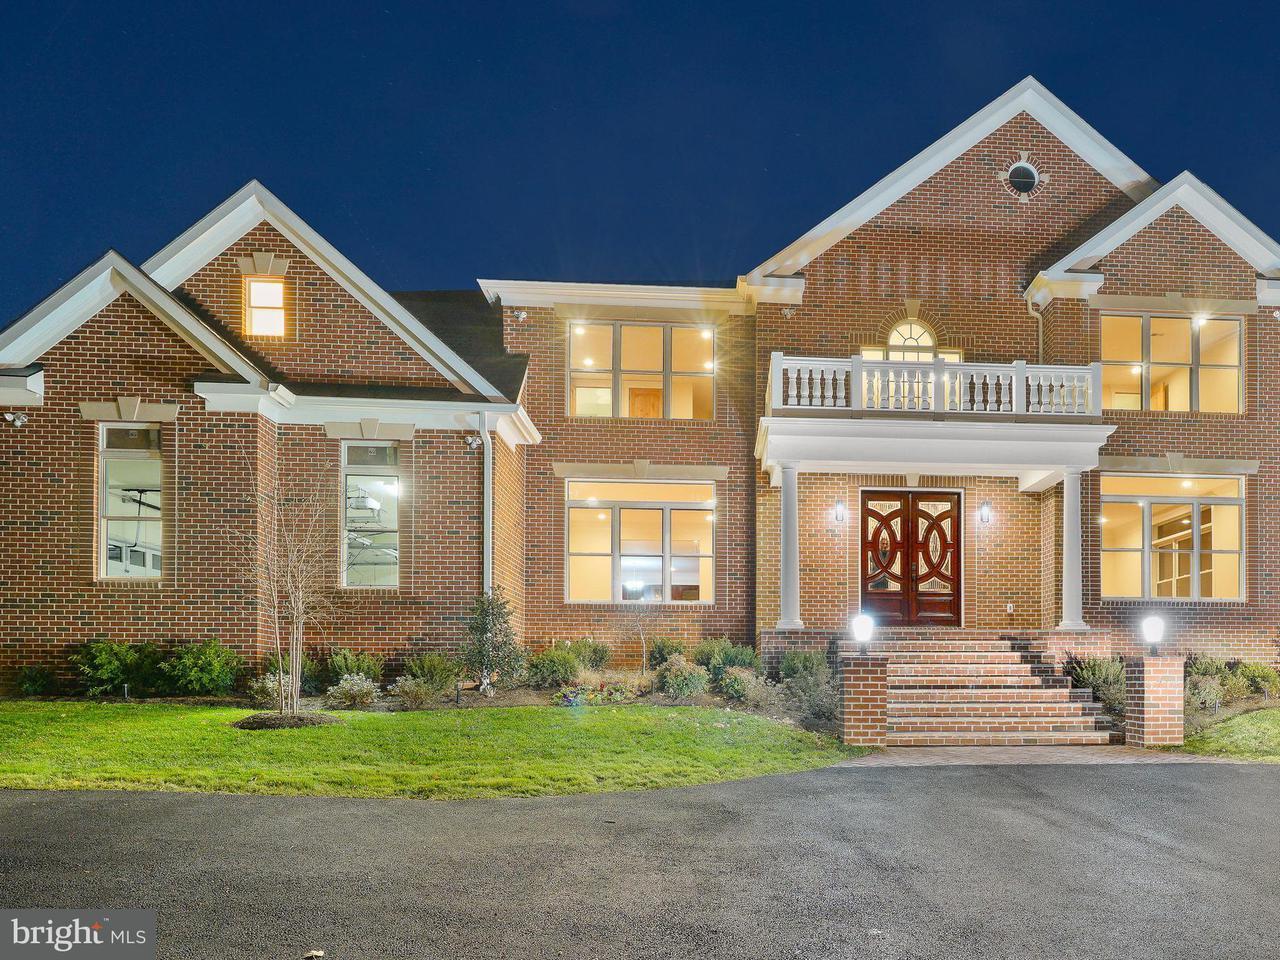 獨棟家庭住宅 為 出售 在 2716 W OX Road 2716 W OX Road Oak Hill, 弗吉尼亞州 20171 美國